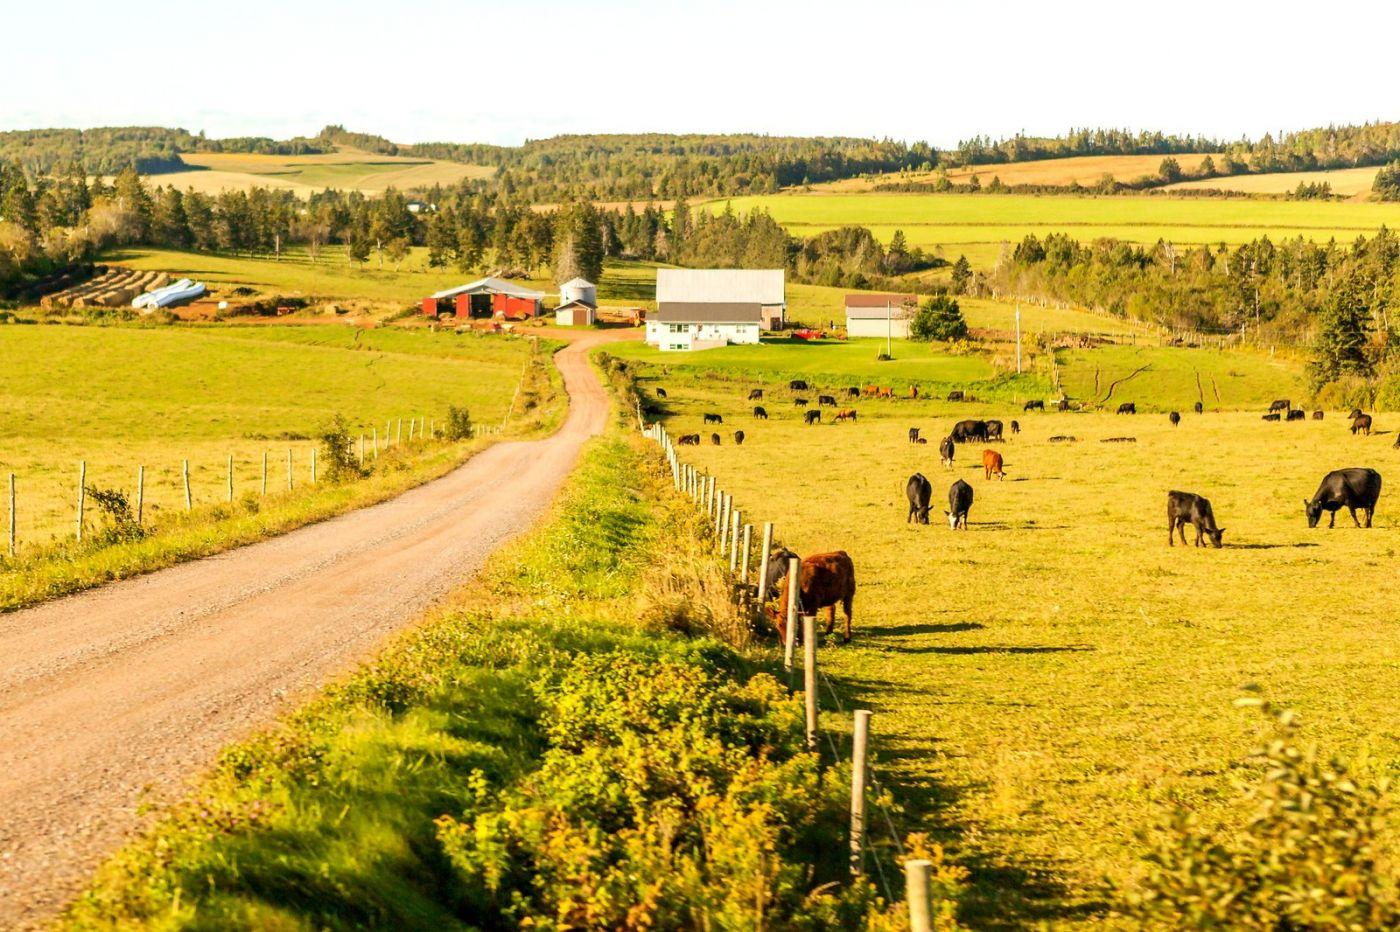 加拿大旅途,乡村的幸福生活_图1-16